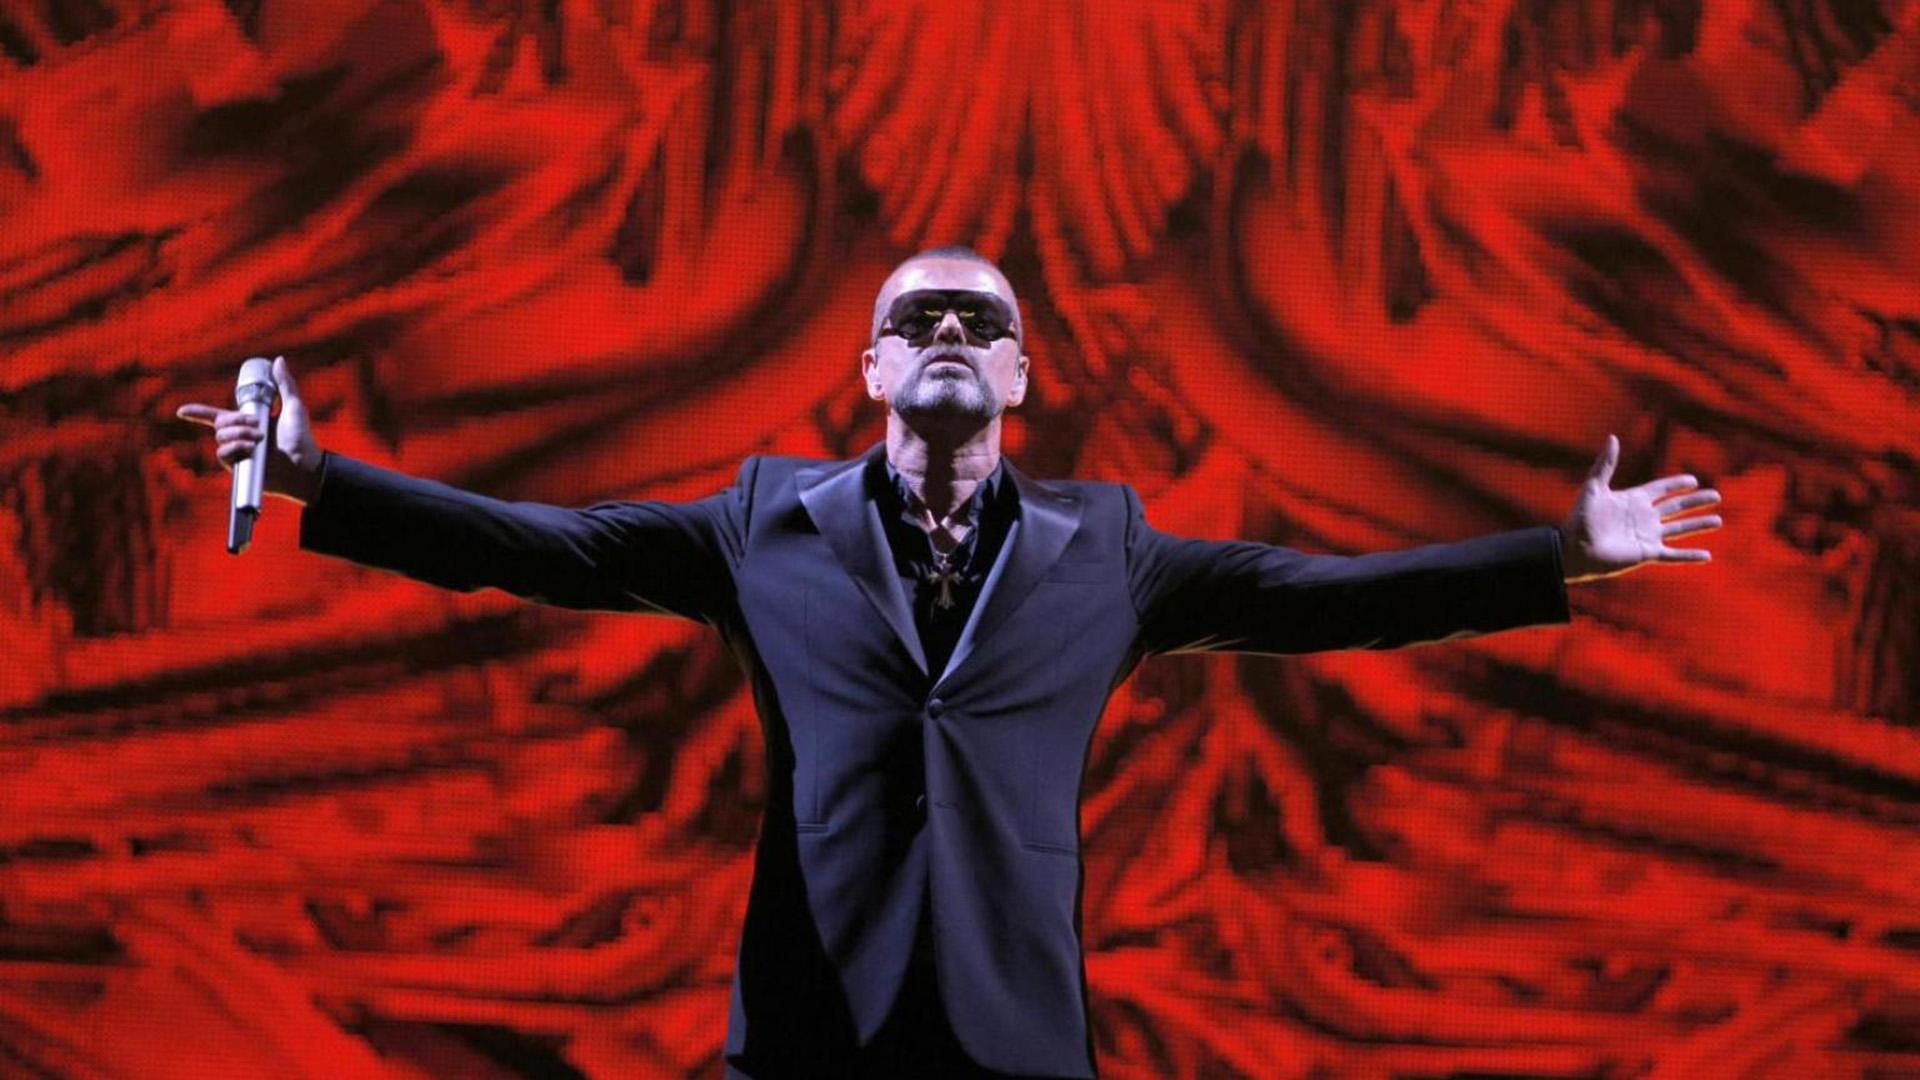 El cantante británico tenía 53 años (NA)